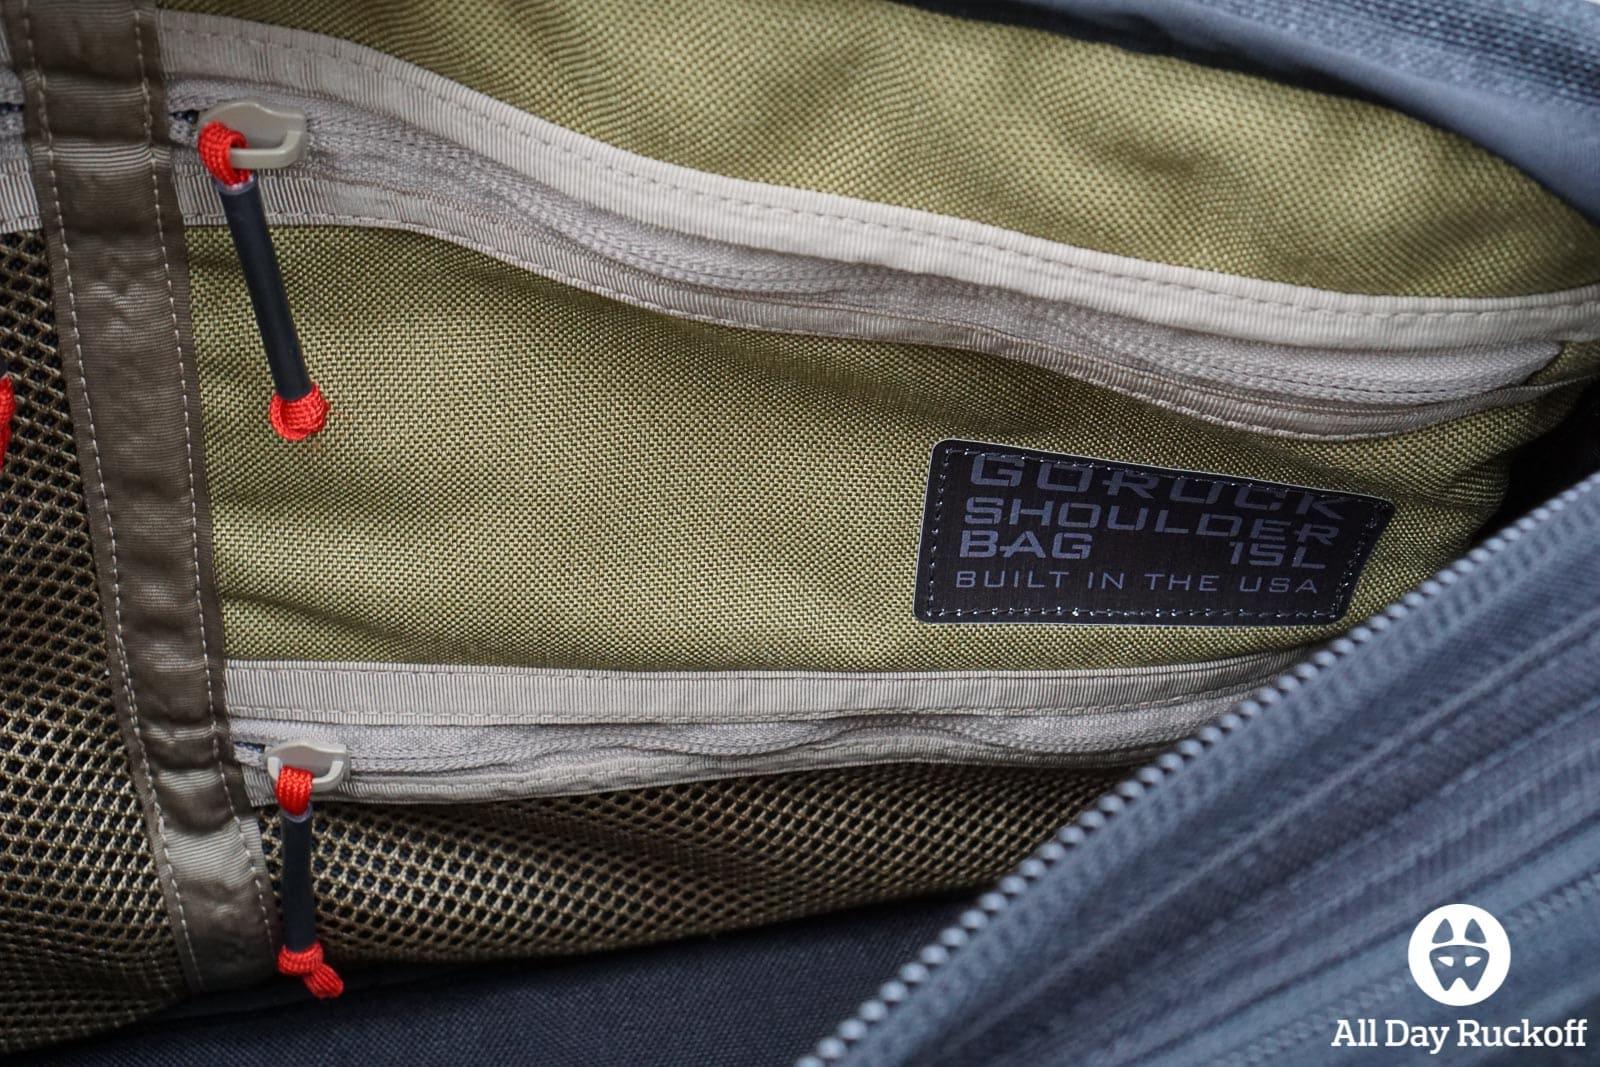 GORUCK Shoulder Bag 15L - Small Pockets